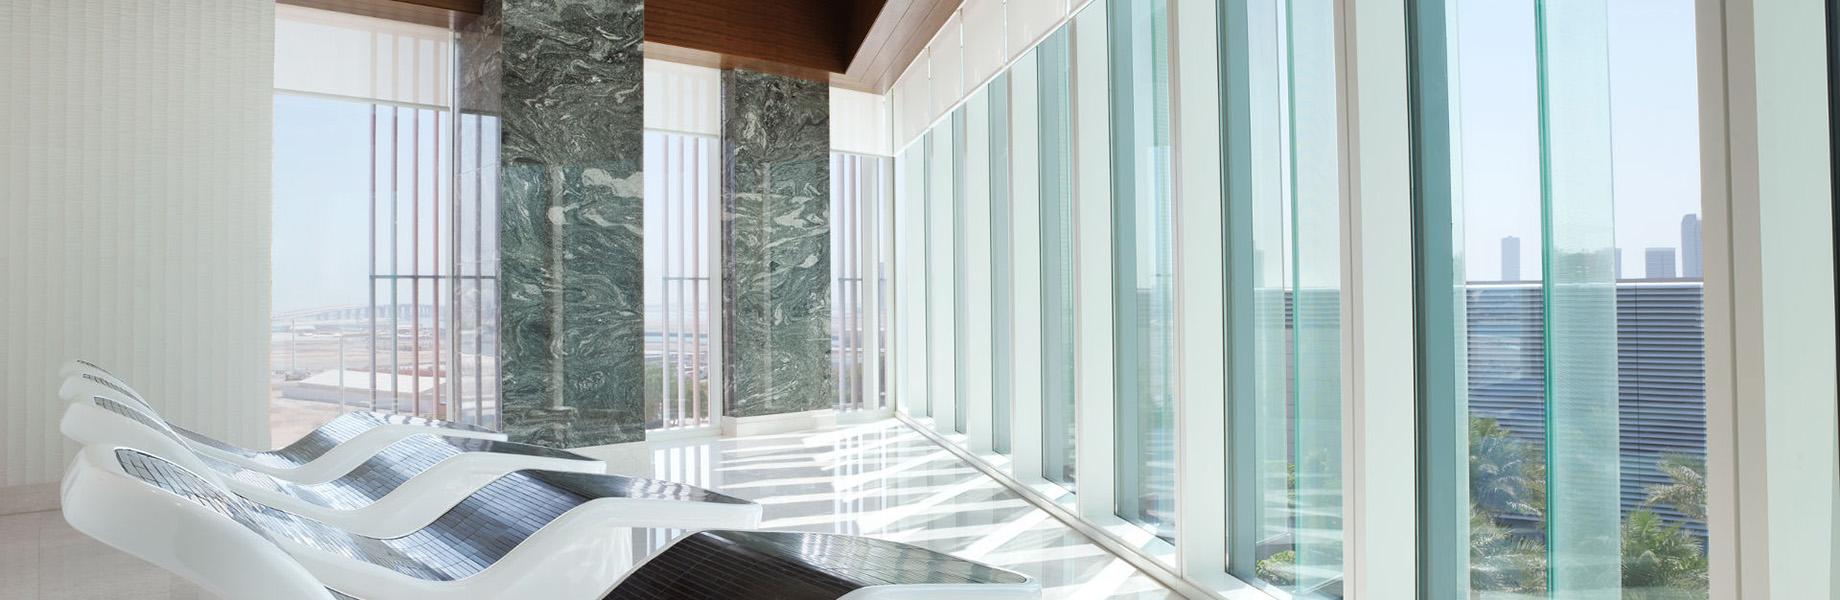 Luxury hotel design interiors